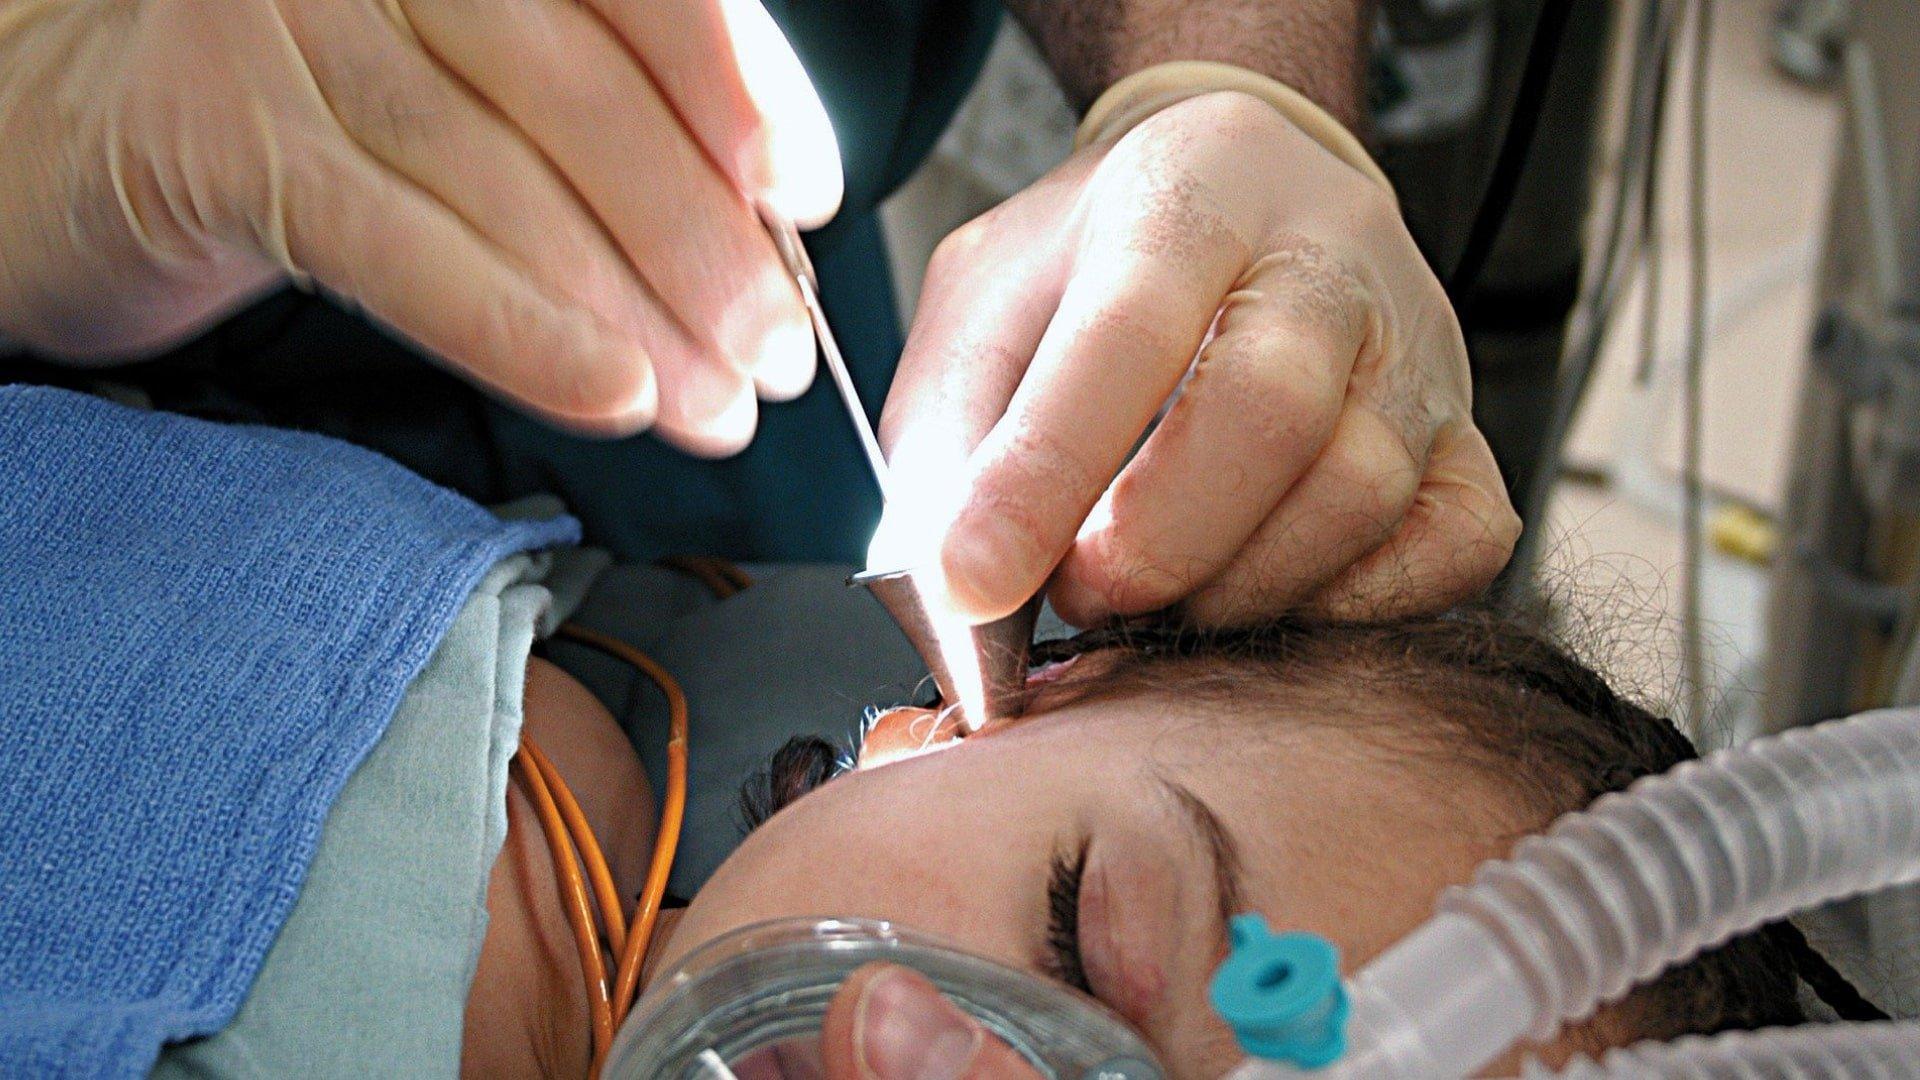 Schmerzensgeld für Tinnitus erhalten